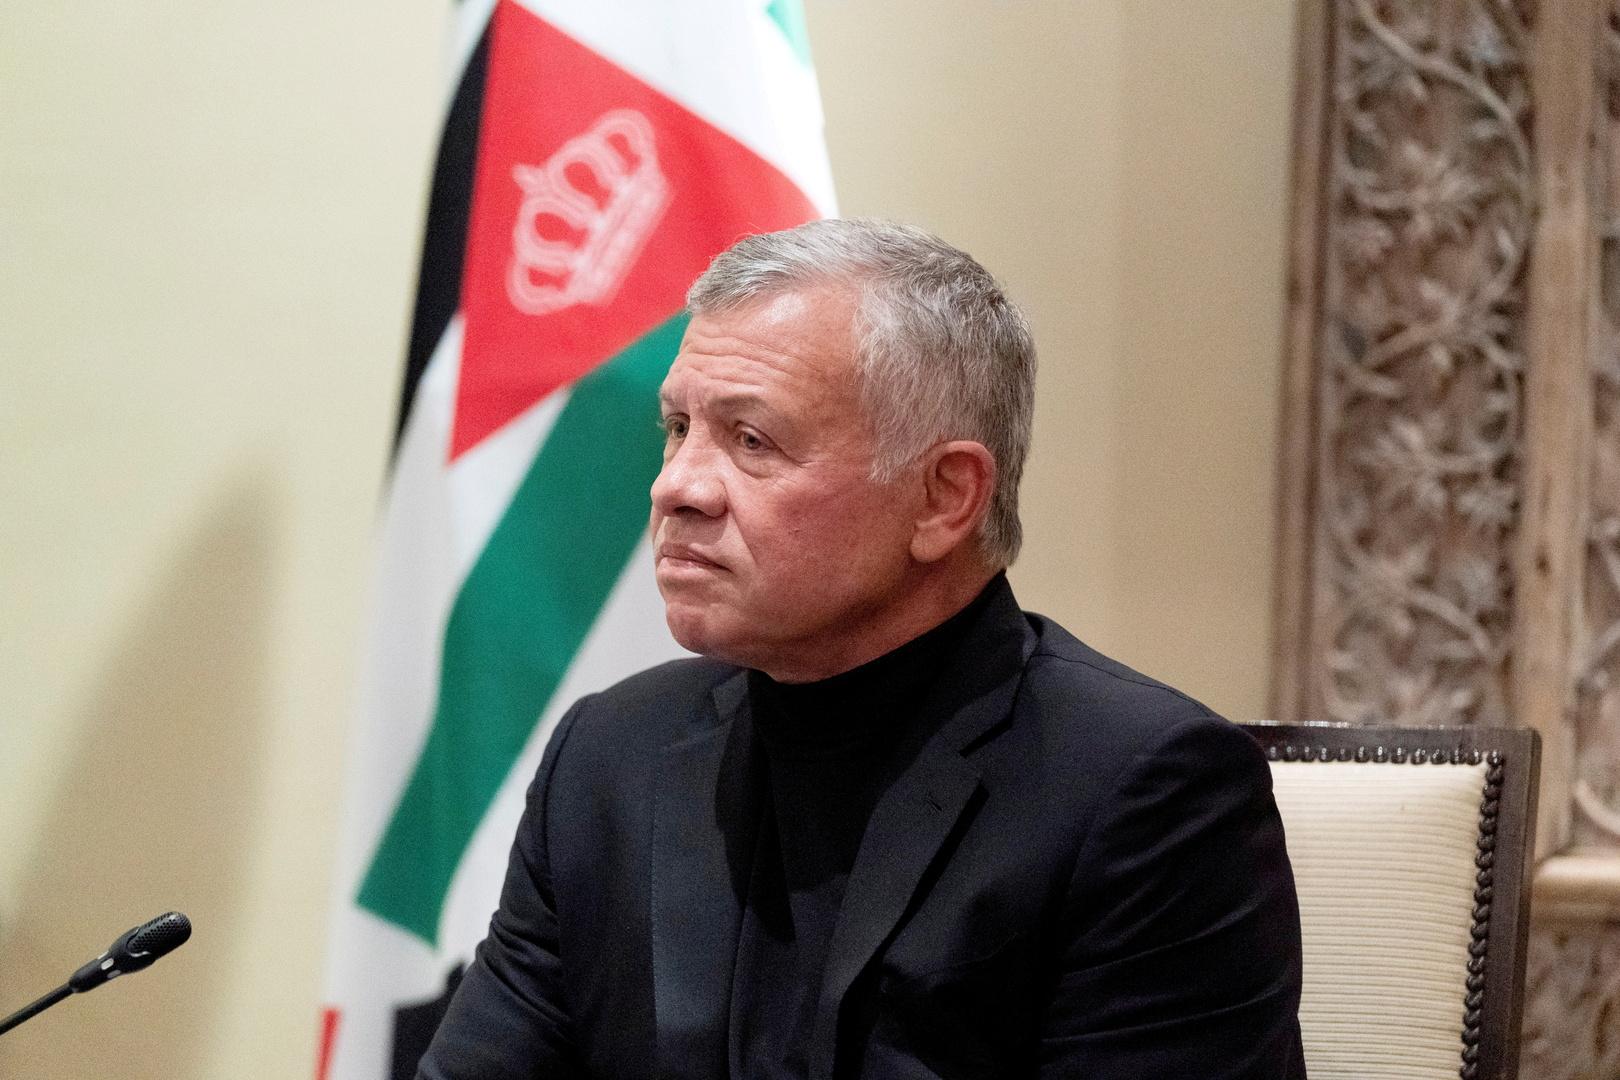 ملك الأردن: نتعرض لحملات استهداف بعد أي إنجاز